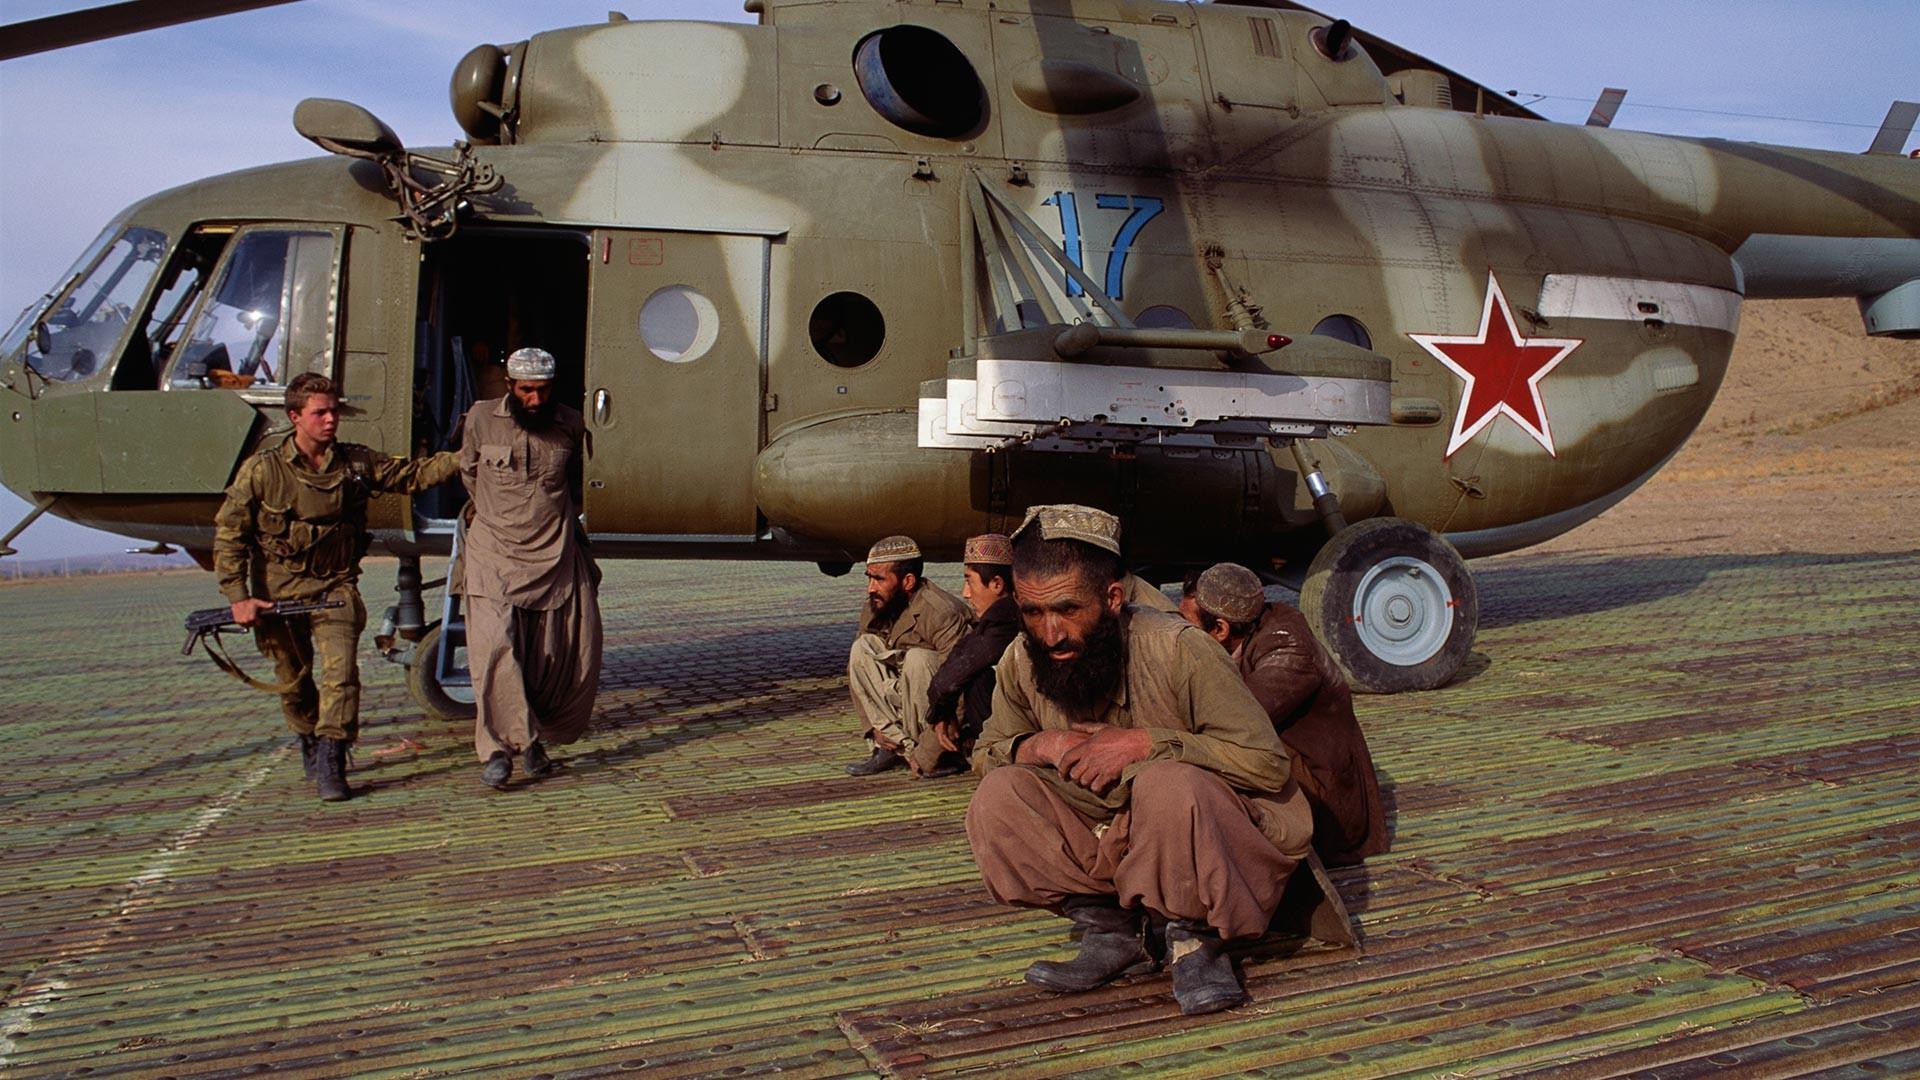 Des gardes soviétiques arrêtent des Afghans